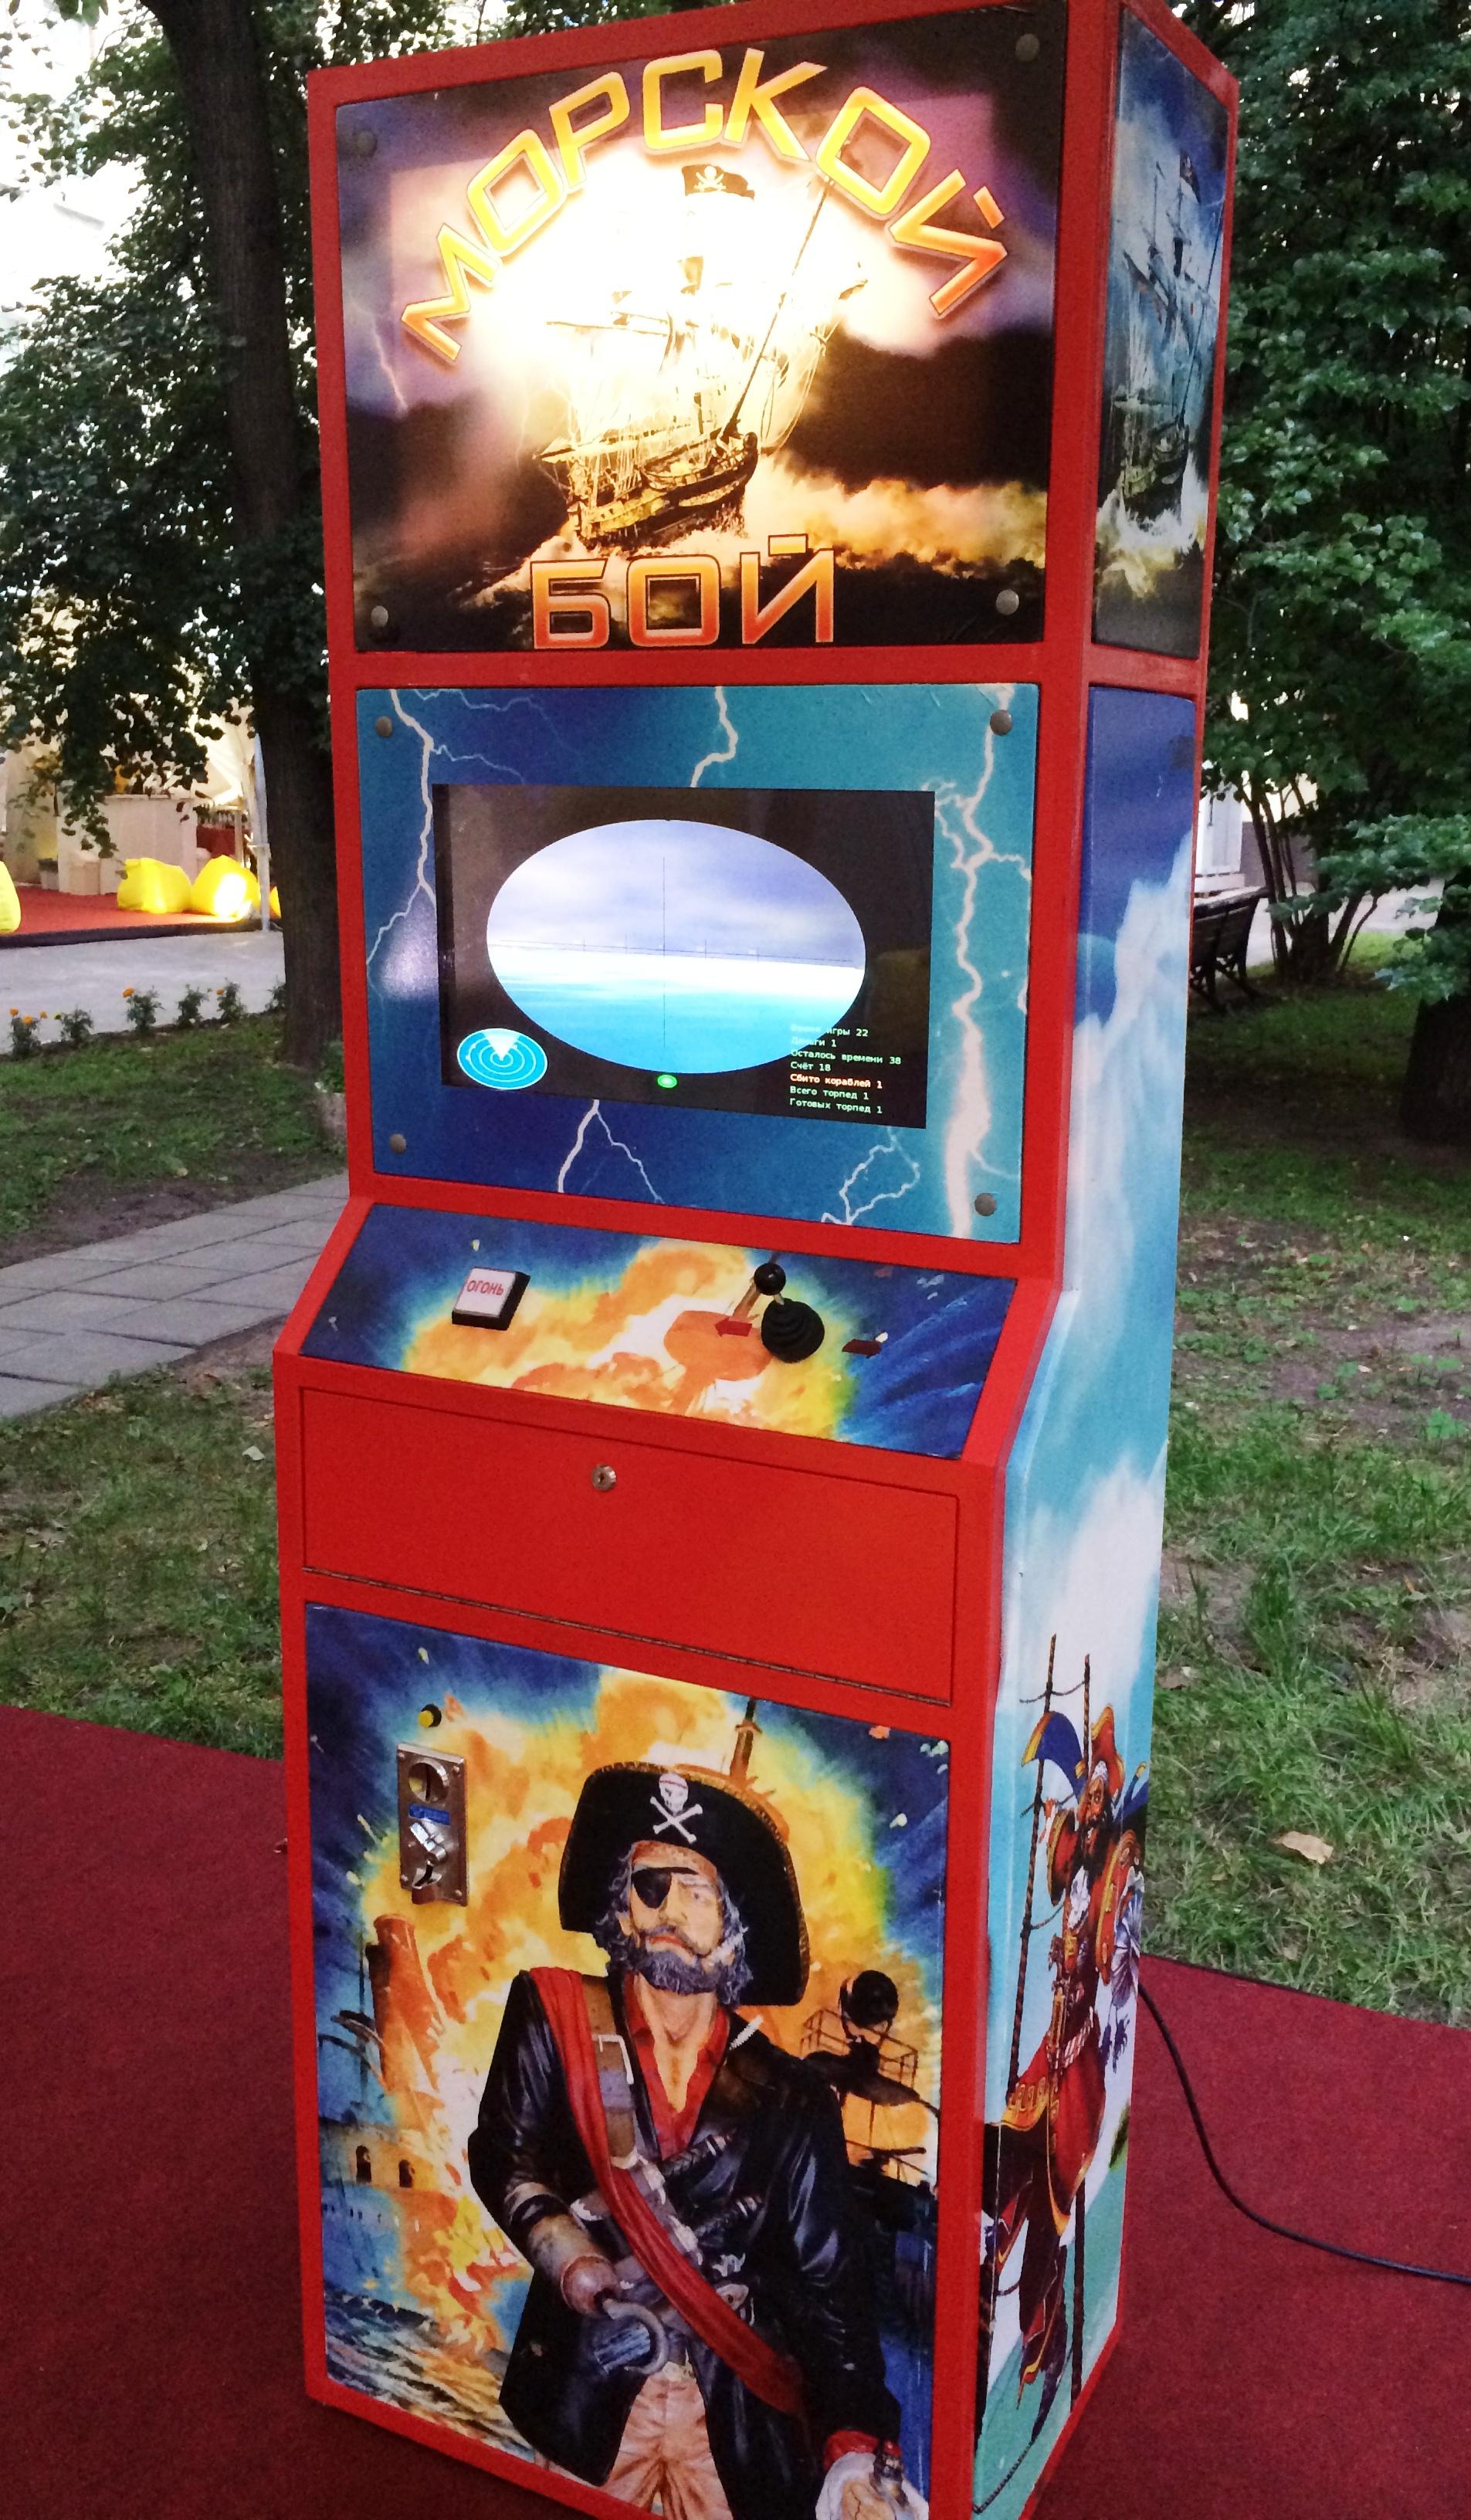 Игровые аппараты развлекательные аренда форум казино вступит